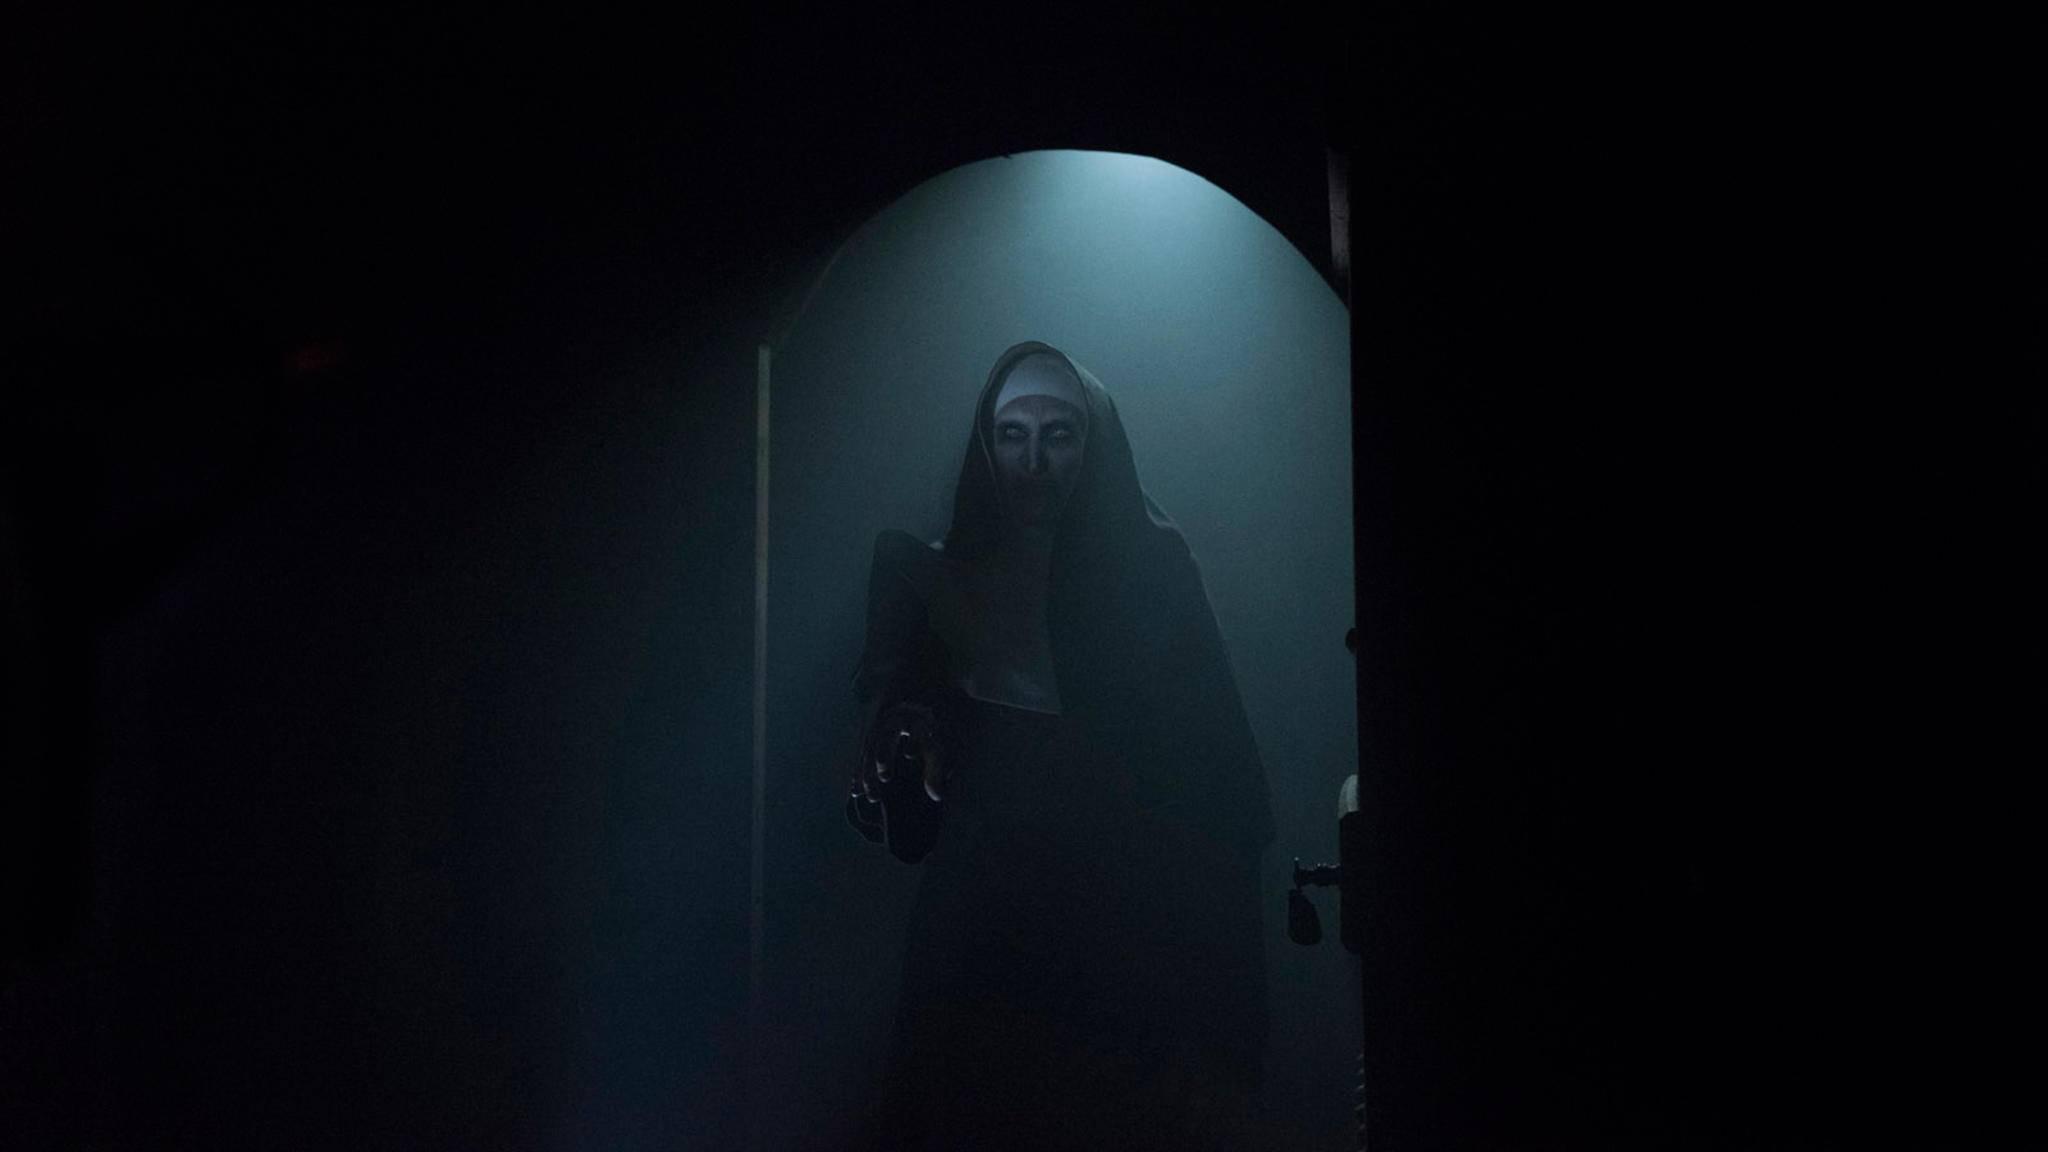 """Nicht nur in """"The Nun"""", auch auf YouTube verbreitet die dämonische Nonne Angst und Schrecken."""